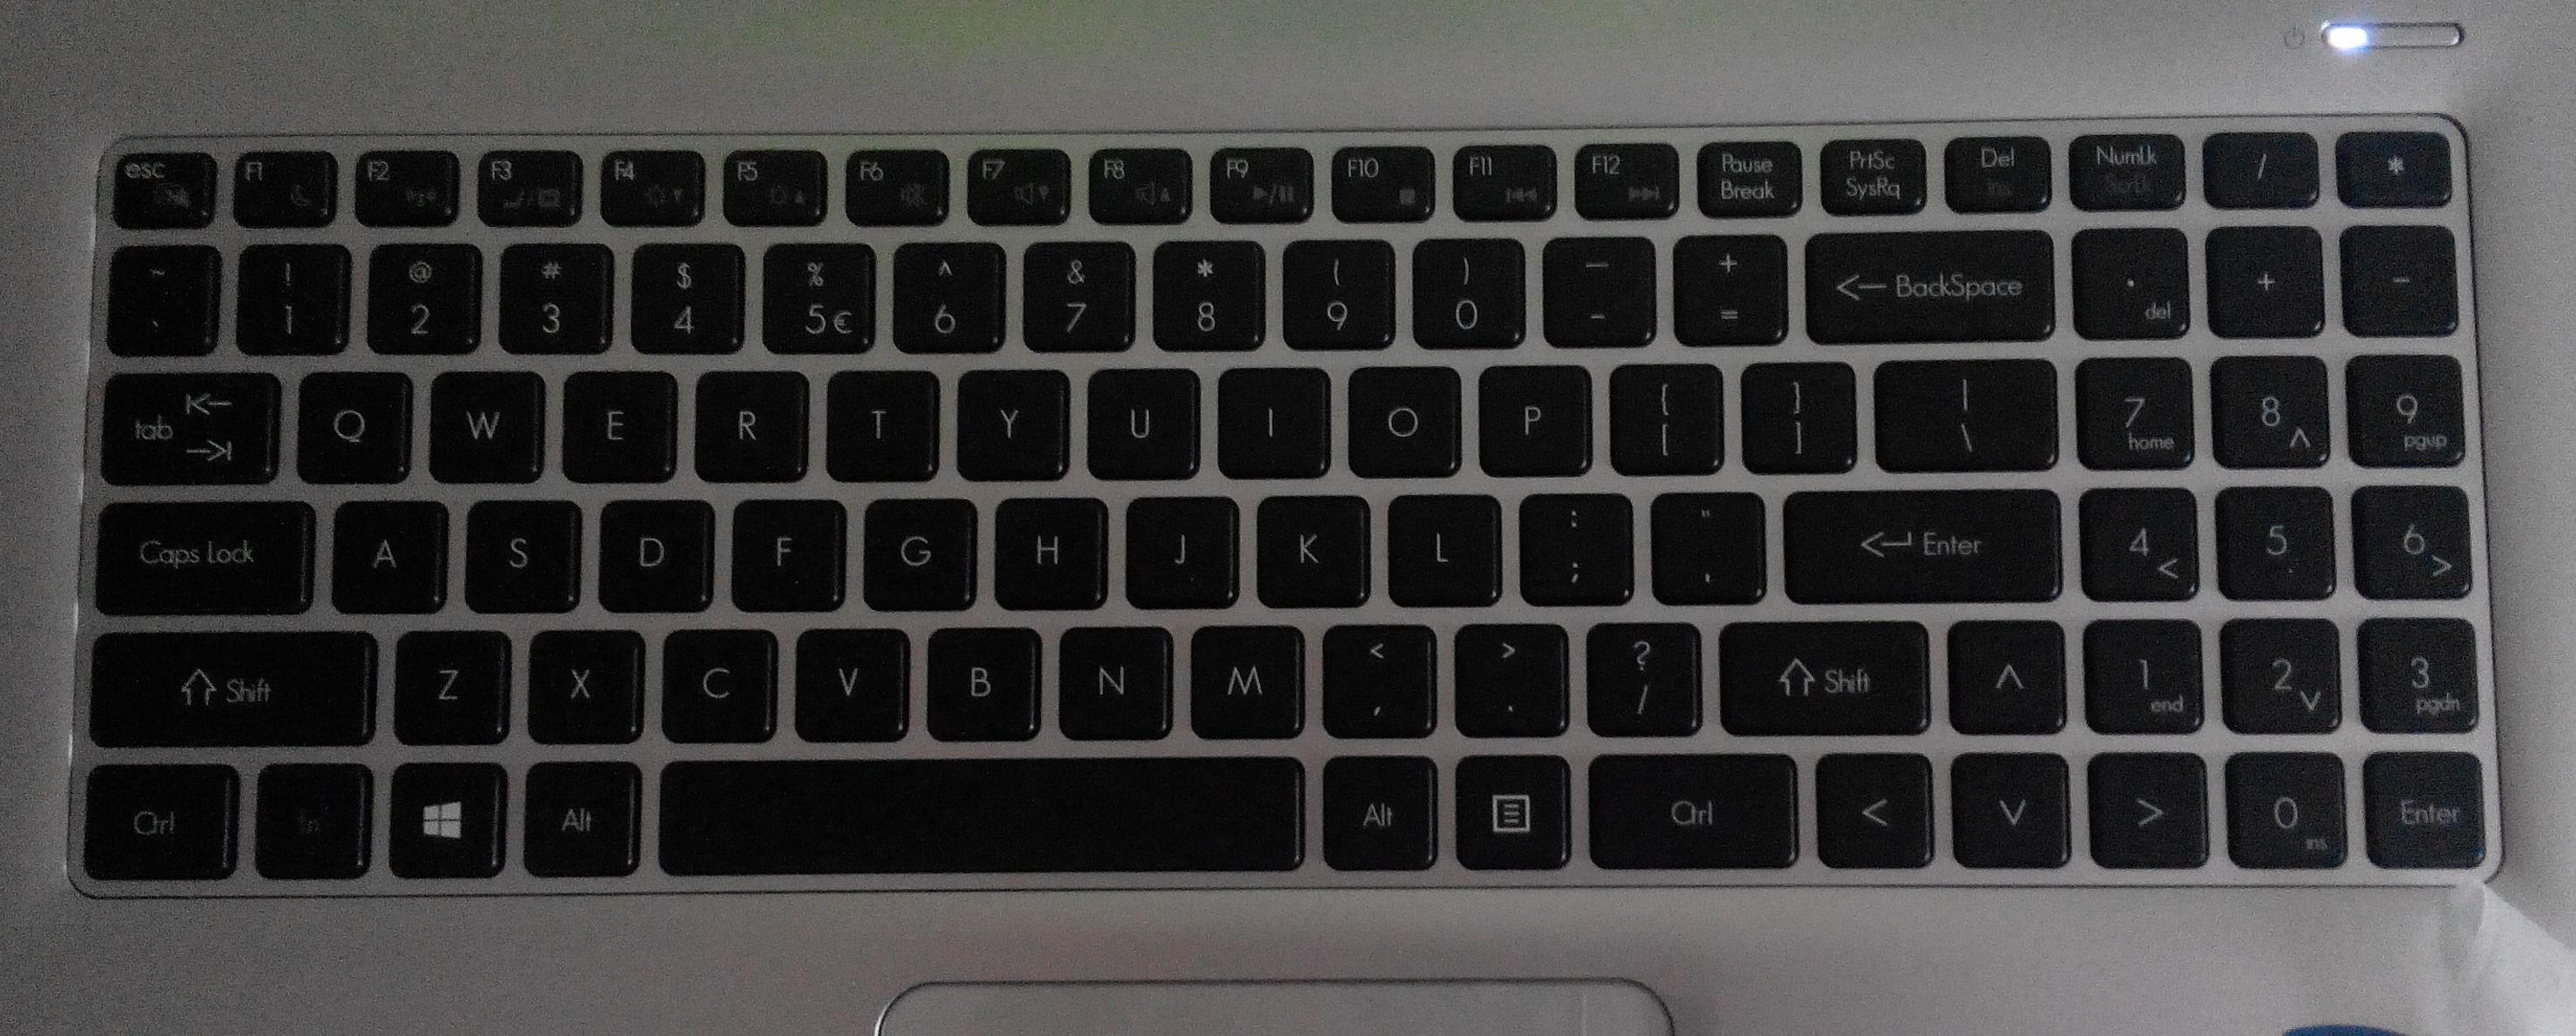 求这款键盘的15.6寸华硕笔记本型号图片